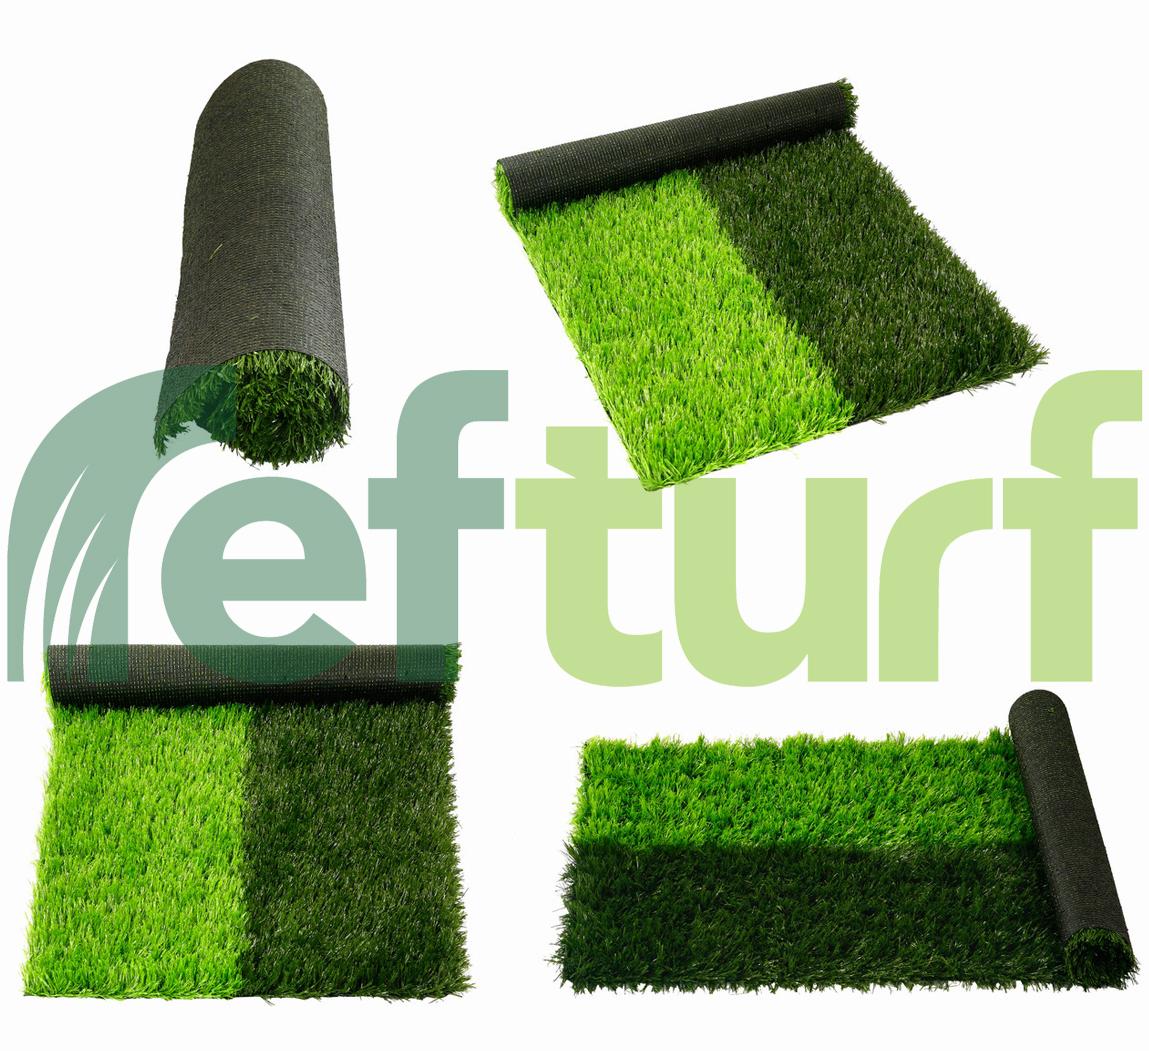 sentetik çim fiyatları, sentetik çim, suni çim modelleri, sentetik çim üretimi,